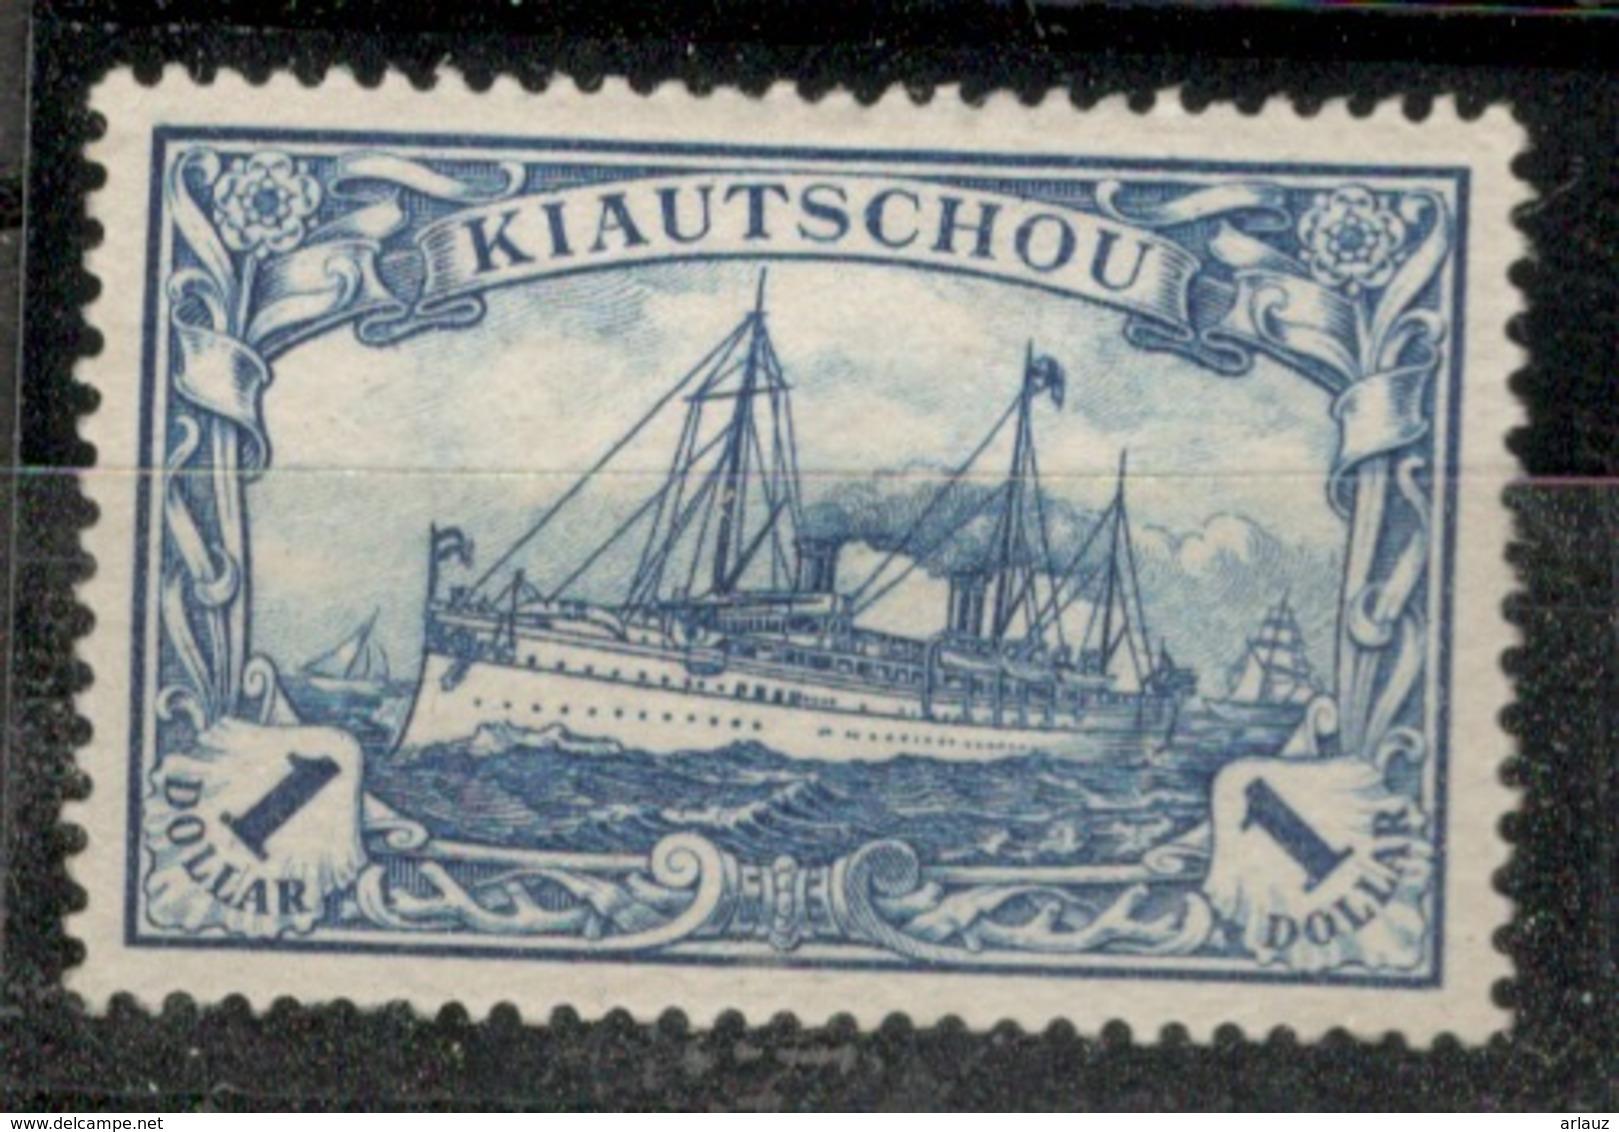 KIAUTSCHOU.CHINE.COLONIE ALLEMANDE.1905.MICHEL N°25B.NEUF.19E19 - Colonie: Kiautchou